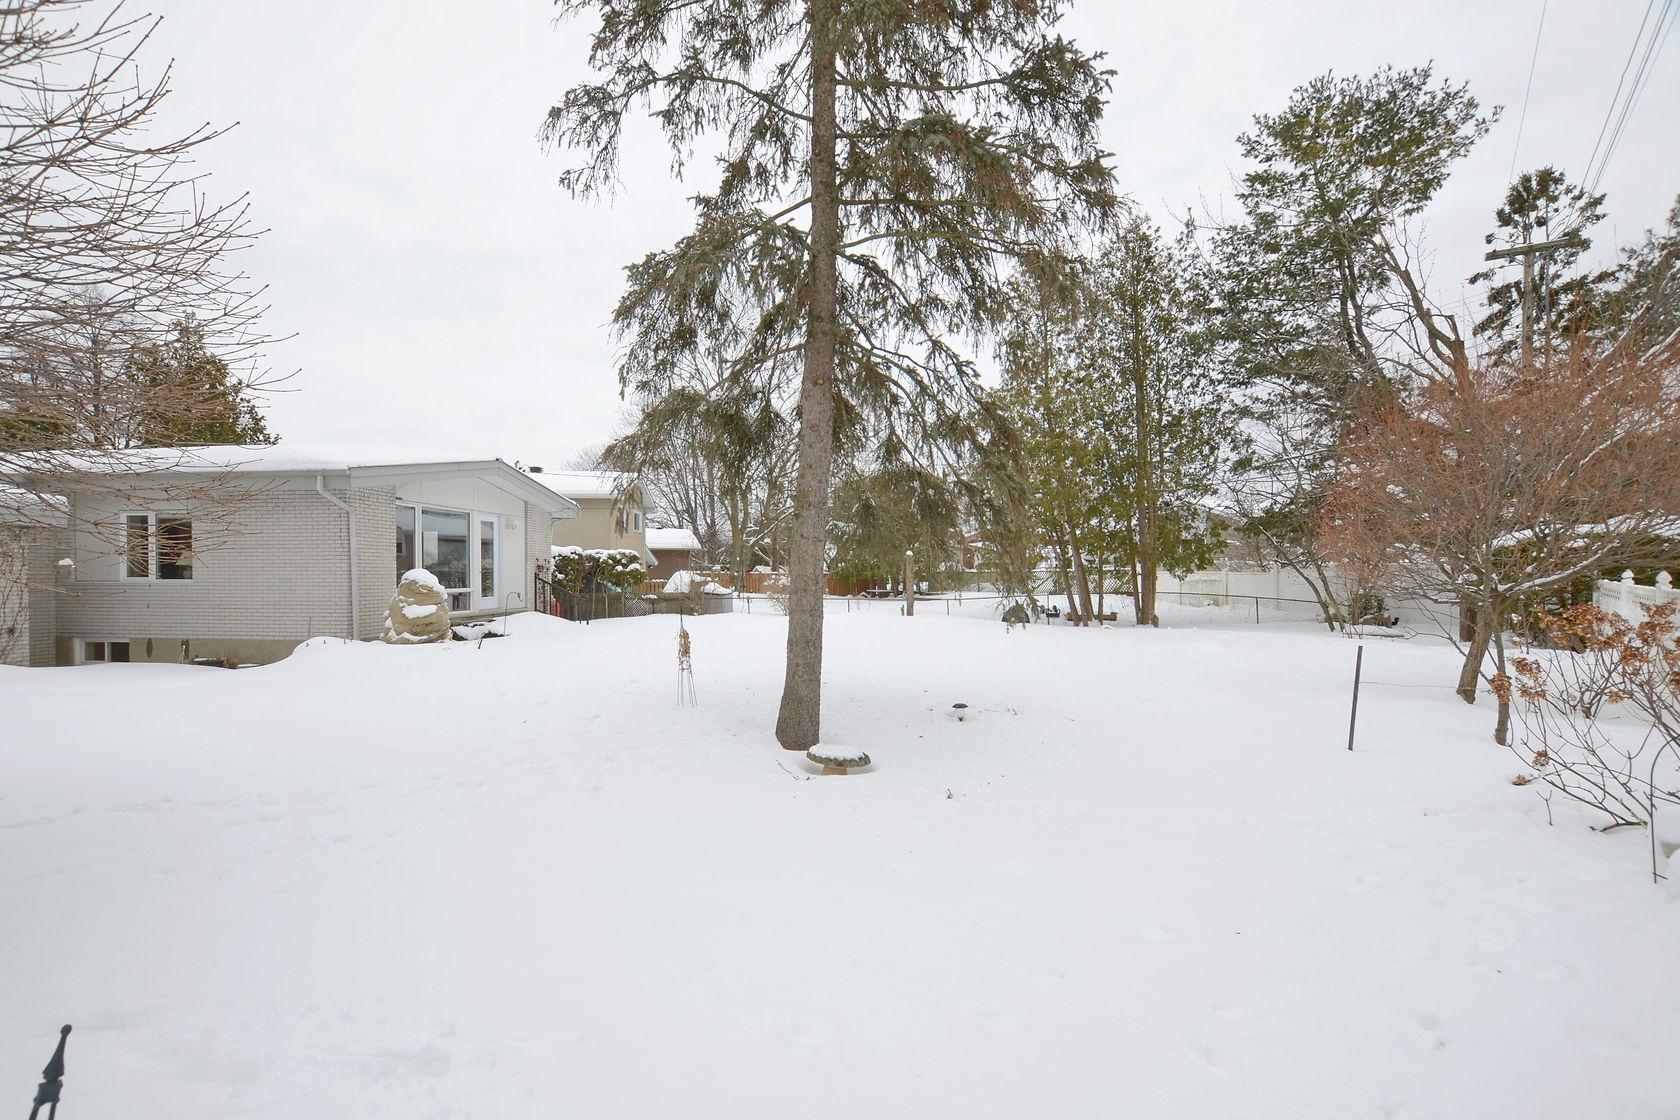 2290 Horton St, Ottawa, Ontario  K1G 3E8 - Photo 3 - RP8272482604